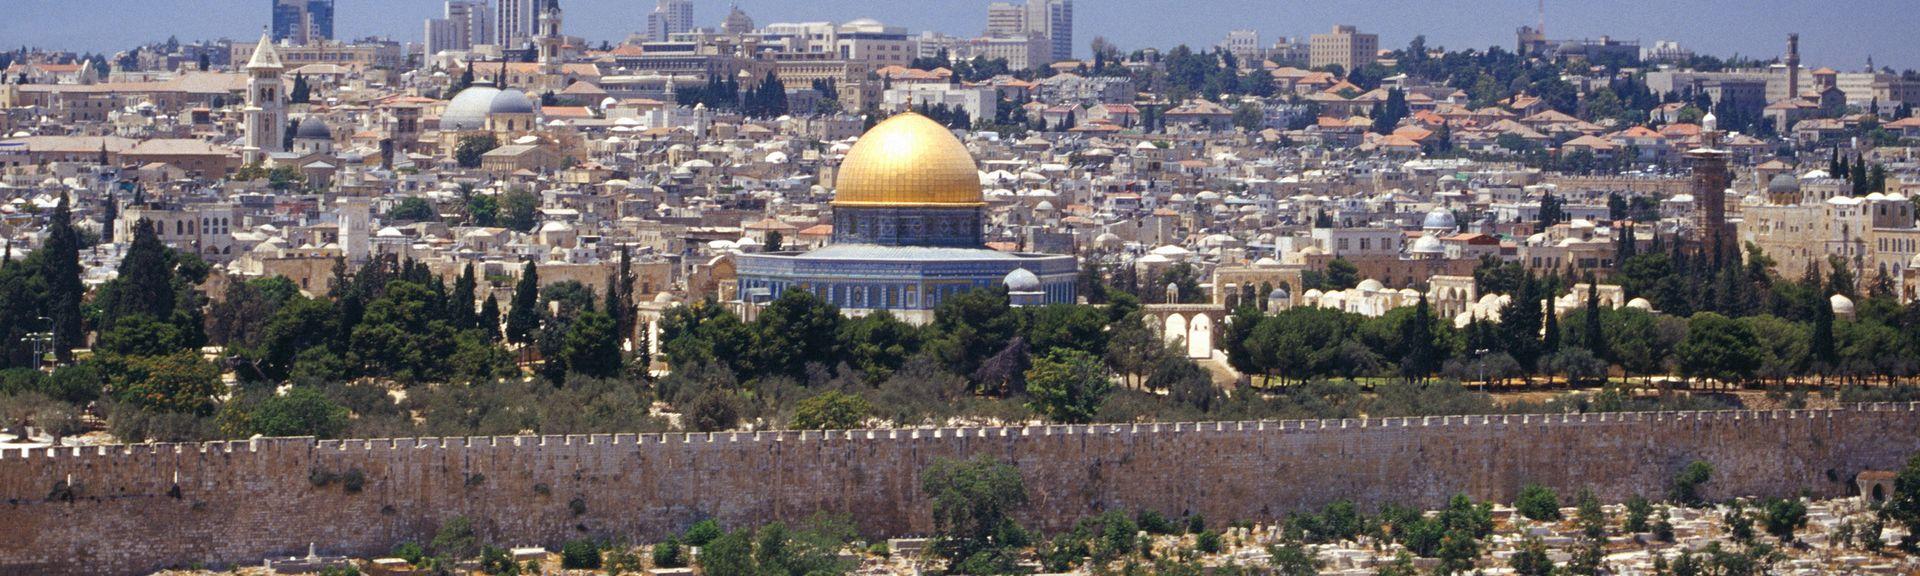 Jeruzalem, Israël